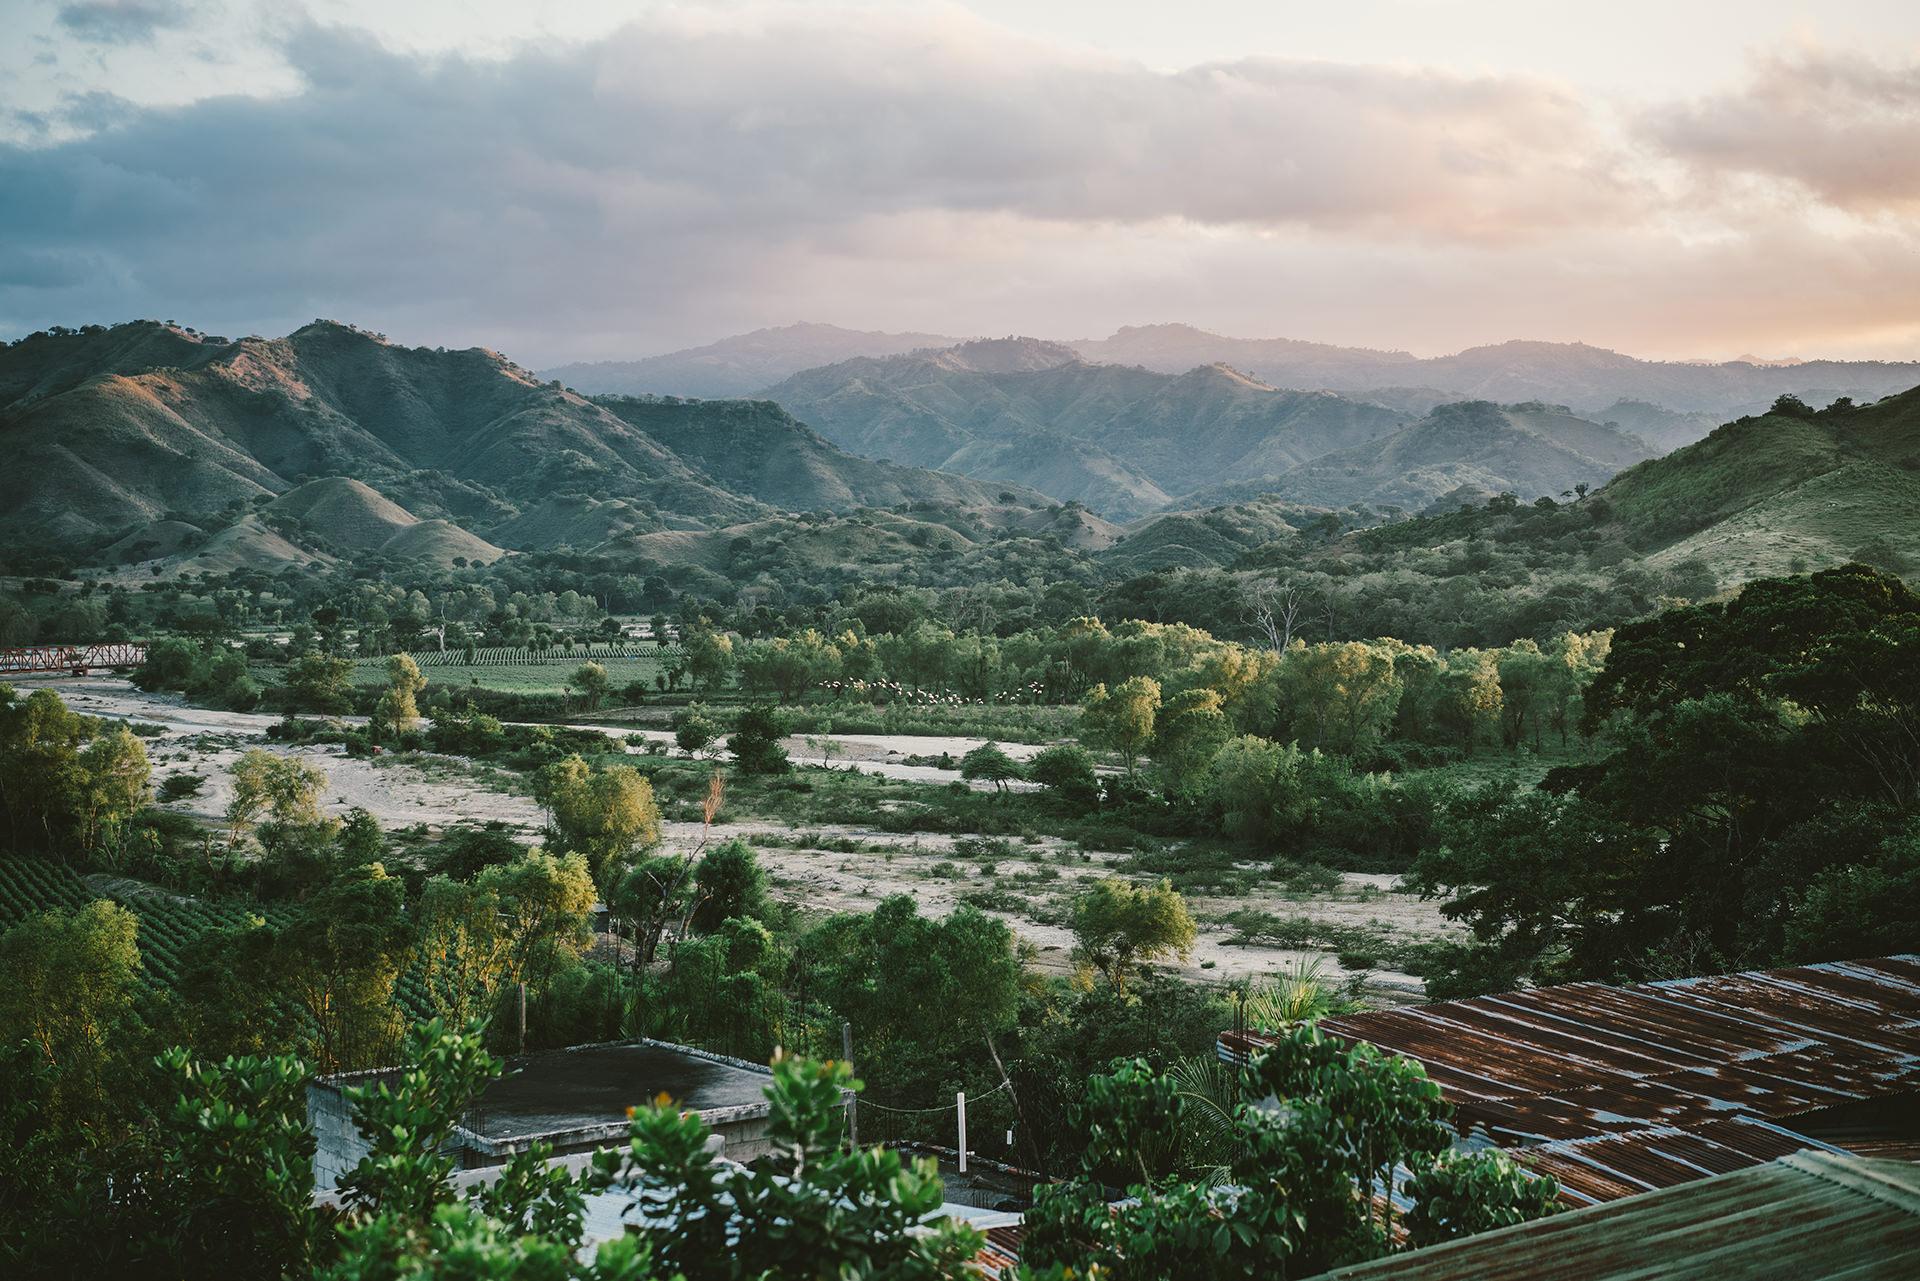 tal-aussicht-abenteuer-reisen-guatemala